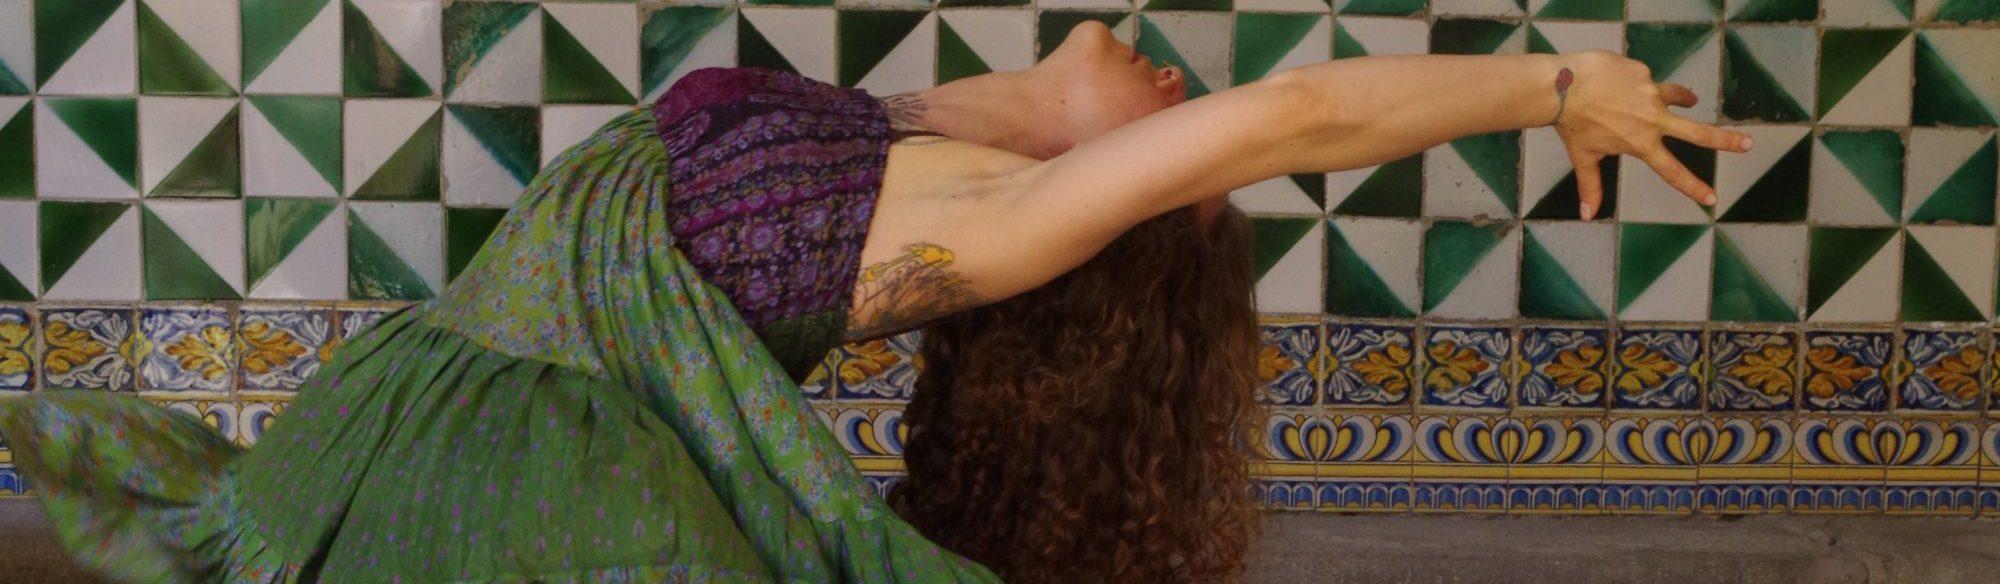 Barcelona Yoga Tour